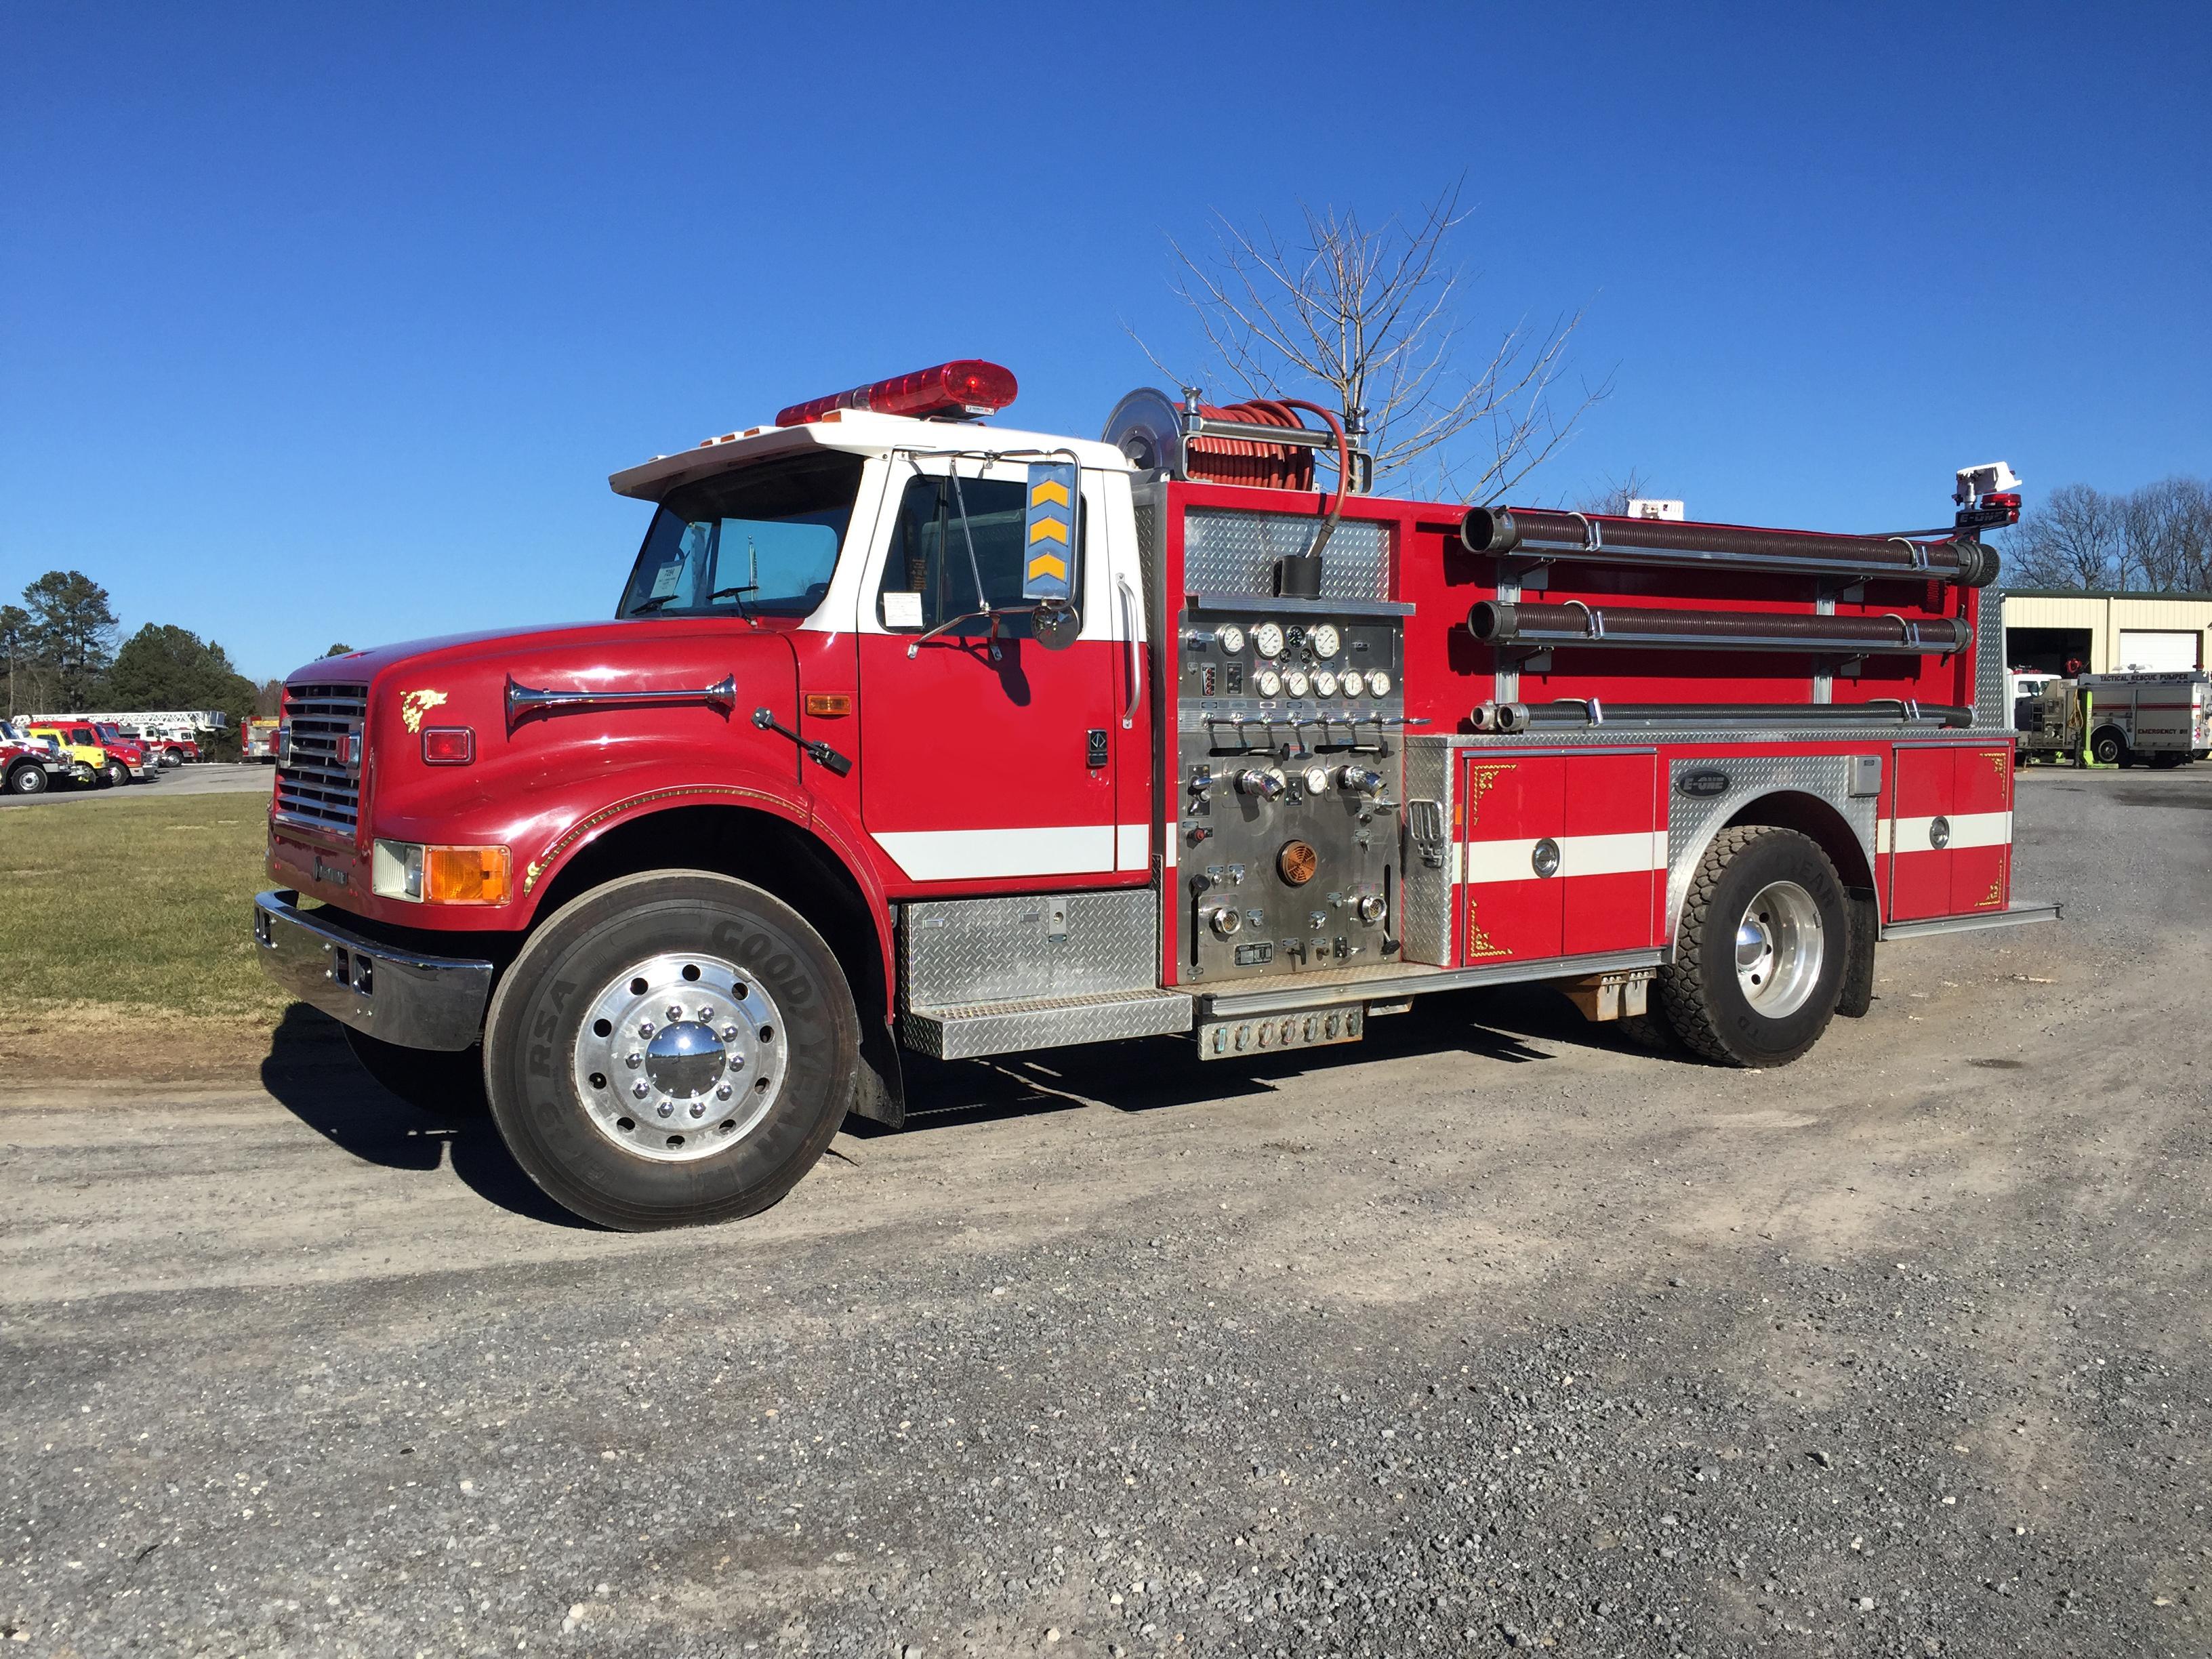 Used Fire Trucks : Truck